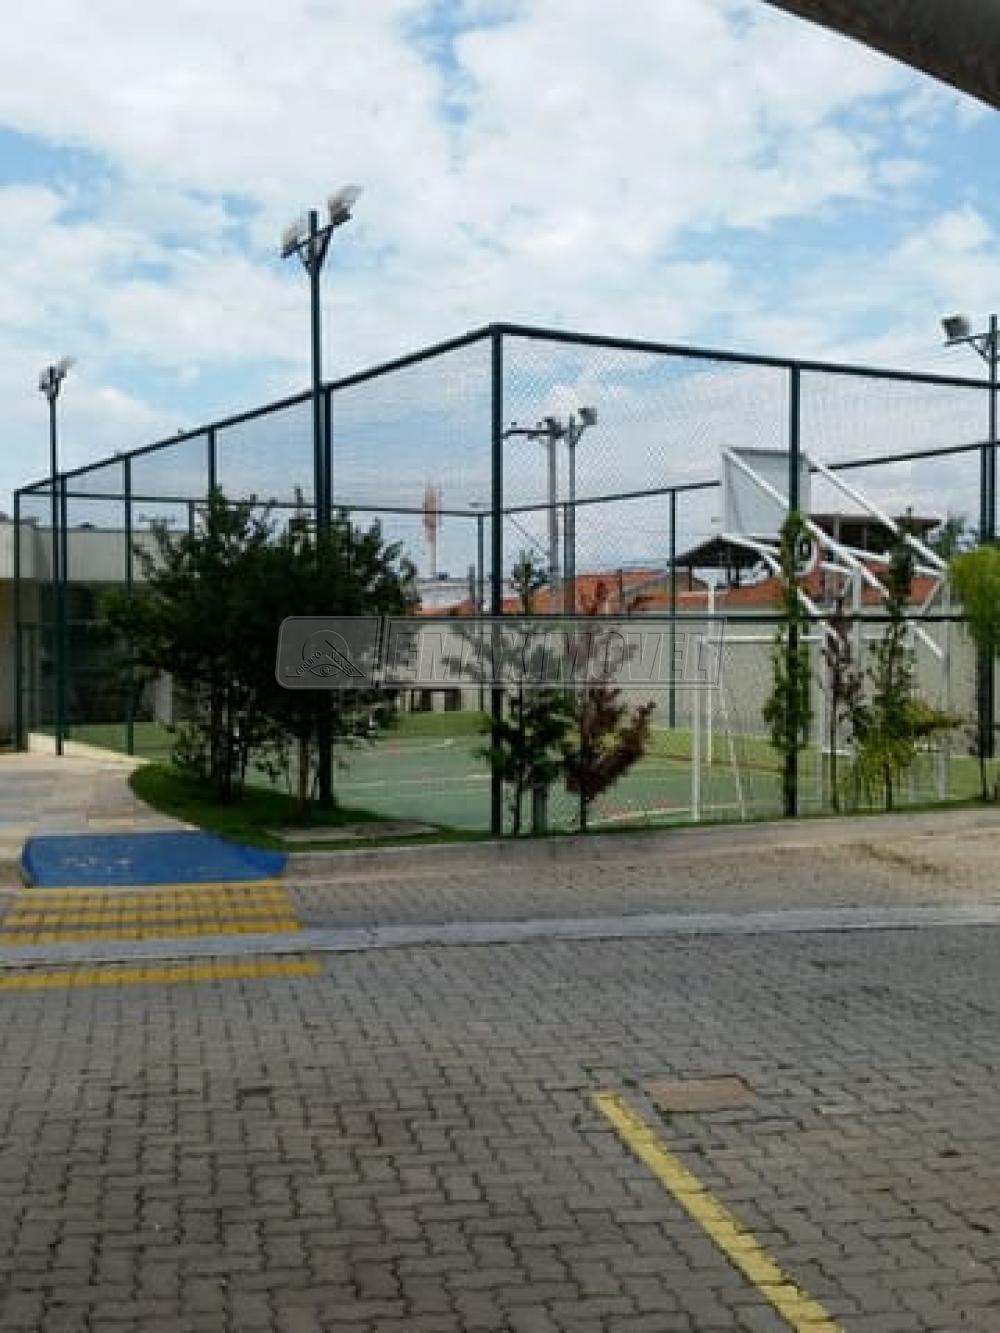 Comprar Apartamentos / Apto Padrão em Sorocaba apenas R$ 198.000,00 - Foto 9